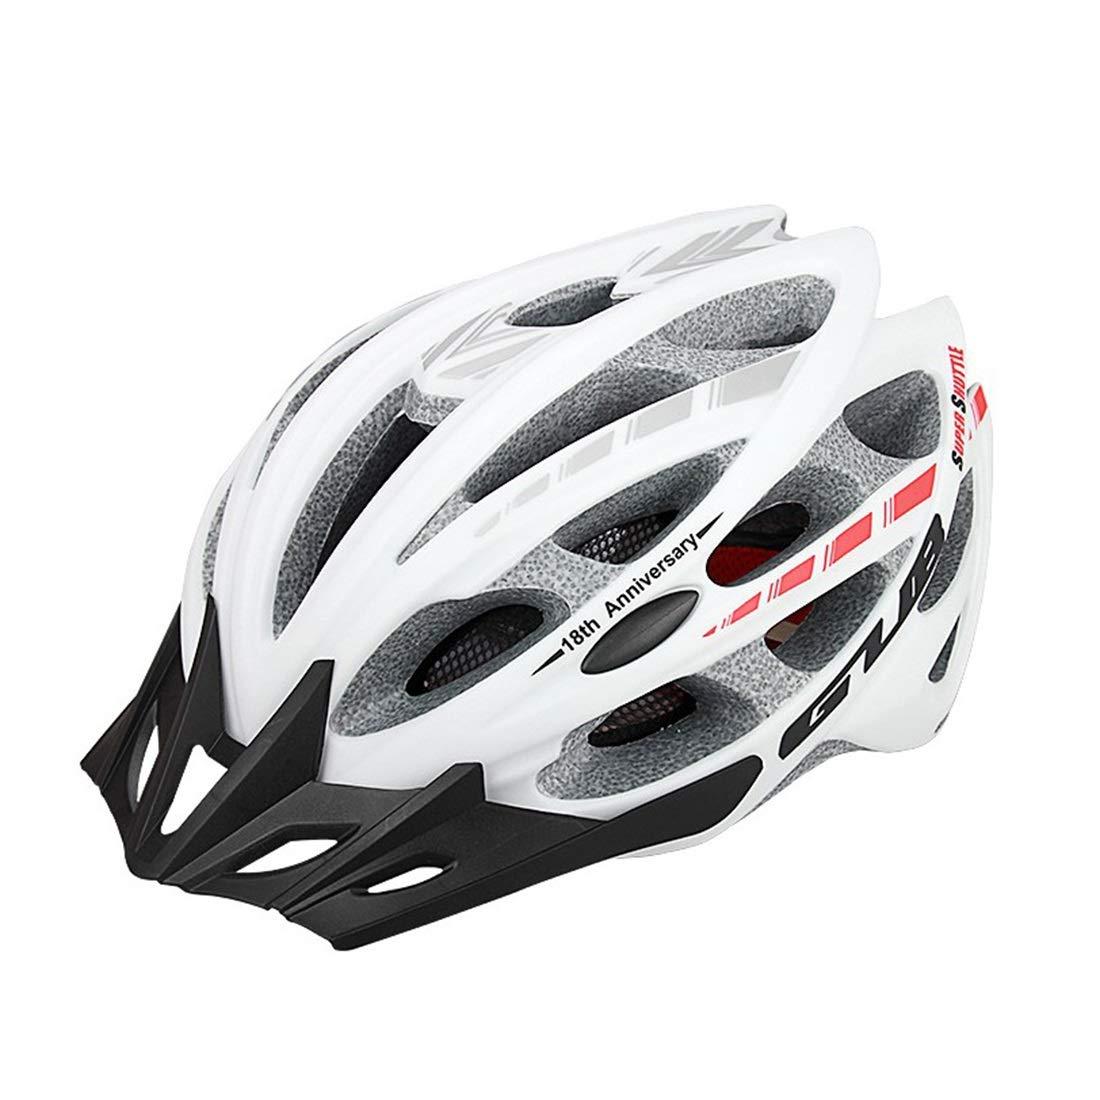 憧れの Nekovan 2 自転車用ヘルメット、屋外用サイクリング愛好家に最適な自転車用安全ヘルメット。 (Color B07QHL3Q3H : 02) : 2 B07QHL3Q3H, 北山村:3af93a56 --- b2b.casemyway.com